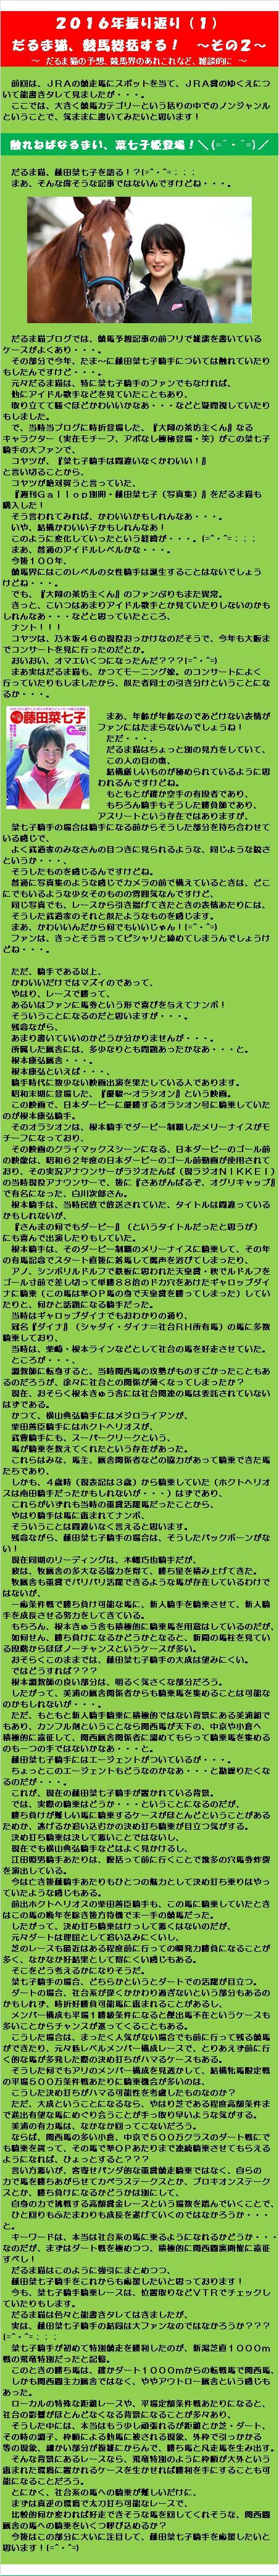 20161231・2016年振り返り ~その2~ ①.jpg